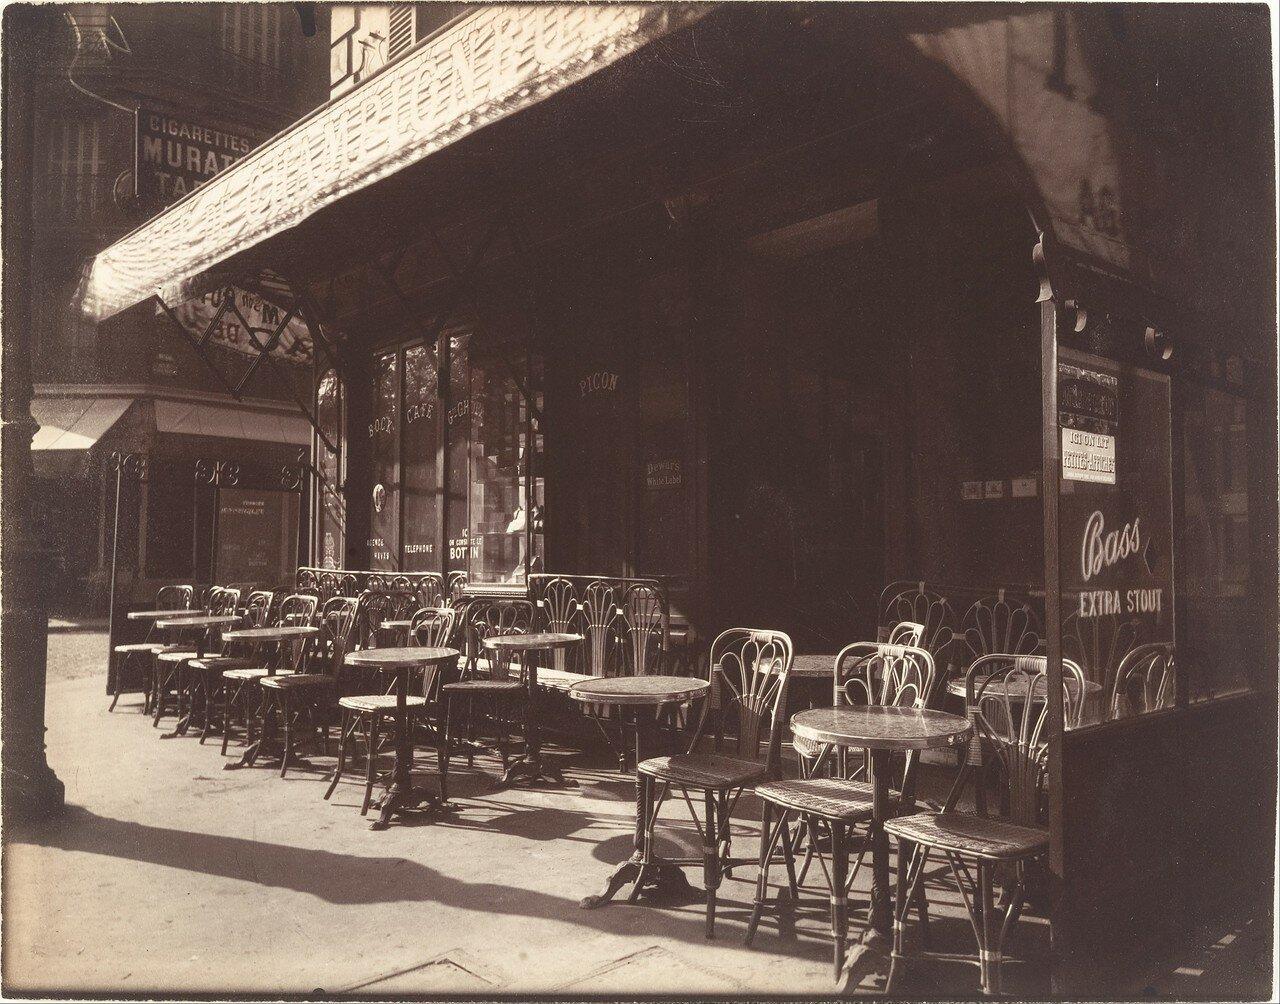 1924. Кафе, Авеню де ля Гранд Арме